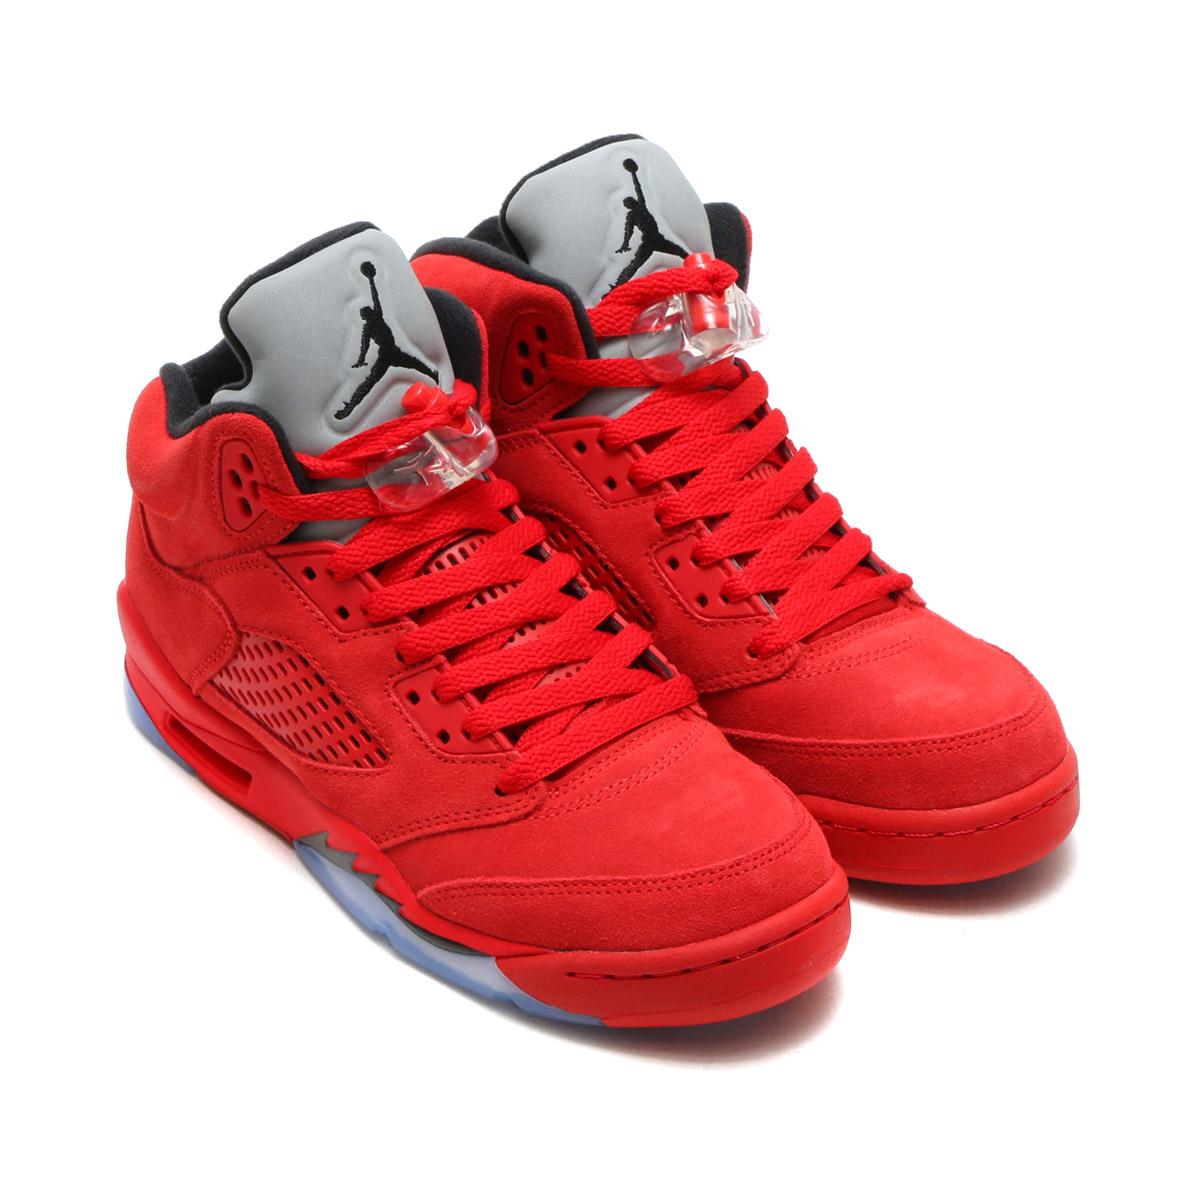 e7a6eb36ad NIKE AIR JORDAN 5 RETRO BG (Nike Air Jordan 5 nostalgic BG) (UNIVERSITY  RED/BLACK-UNIVERSITY RED) 17FA-S